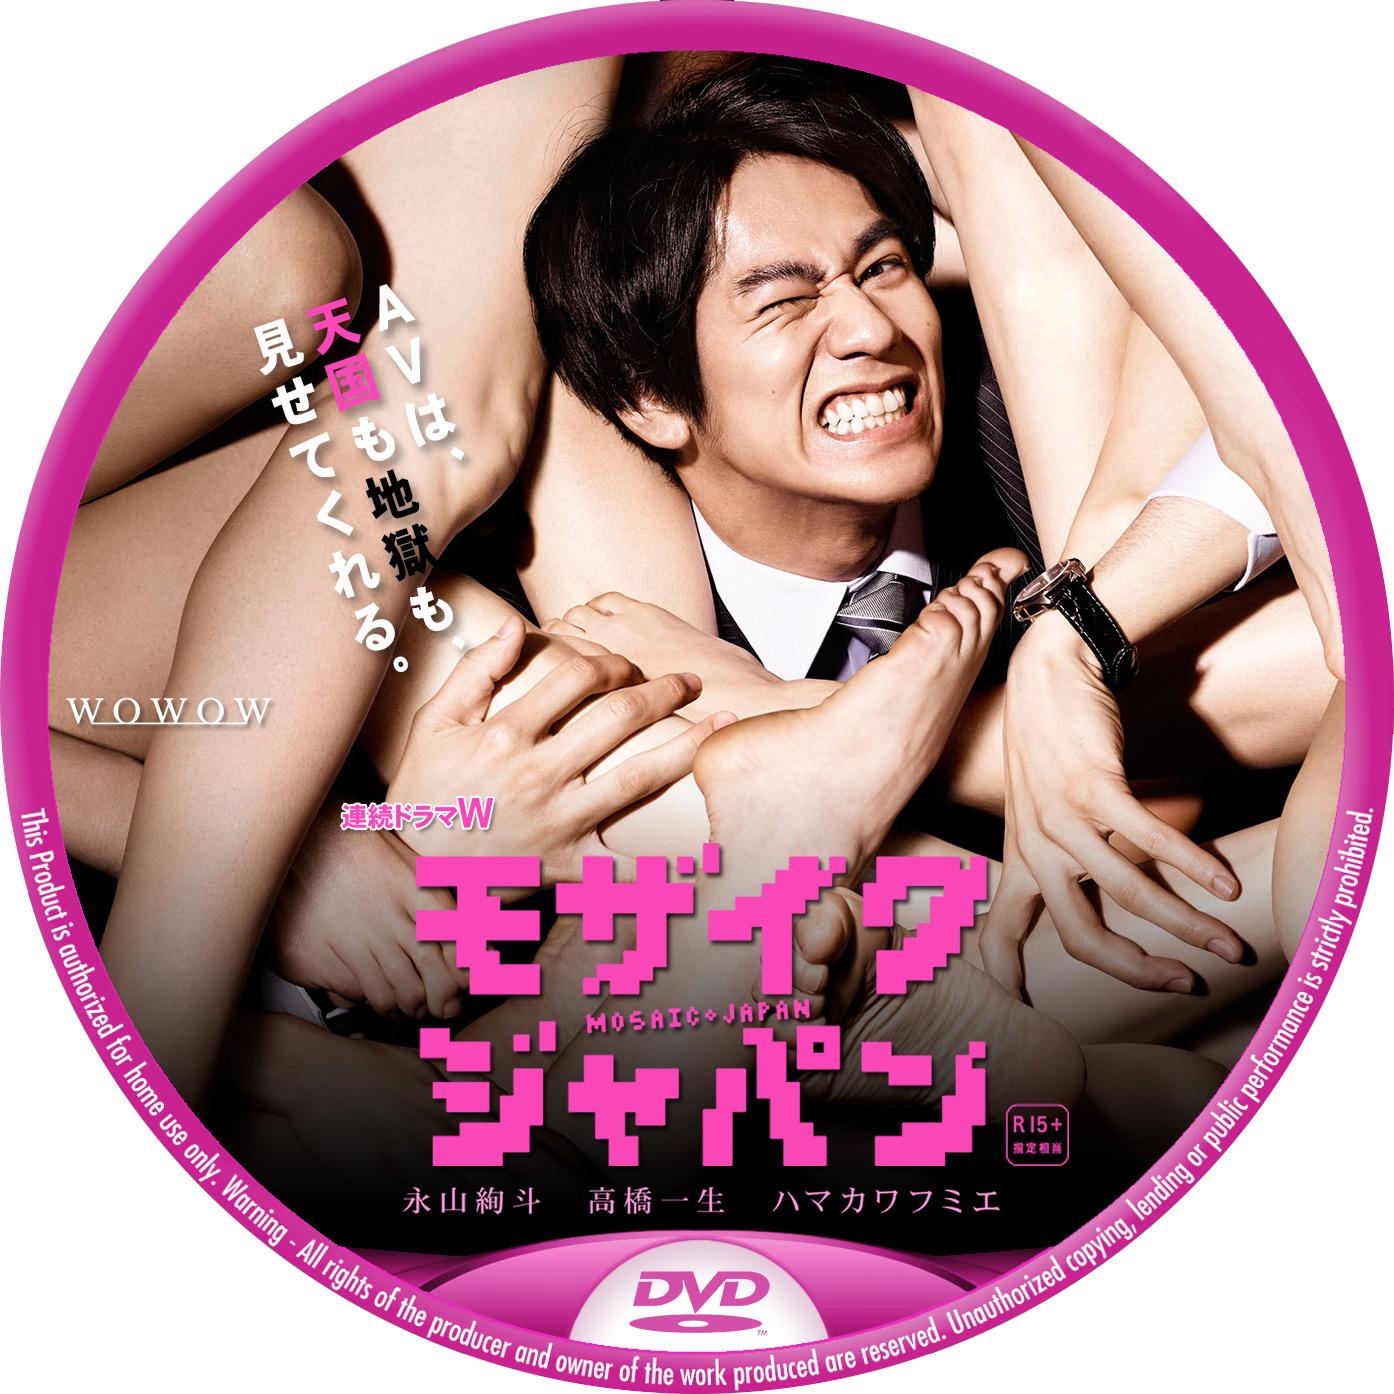 モザイクジャパン WOWOW DVDラベル